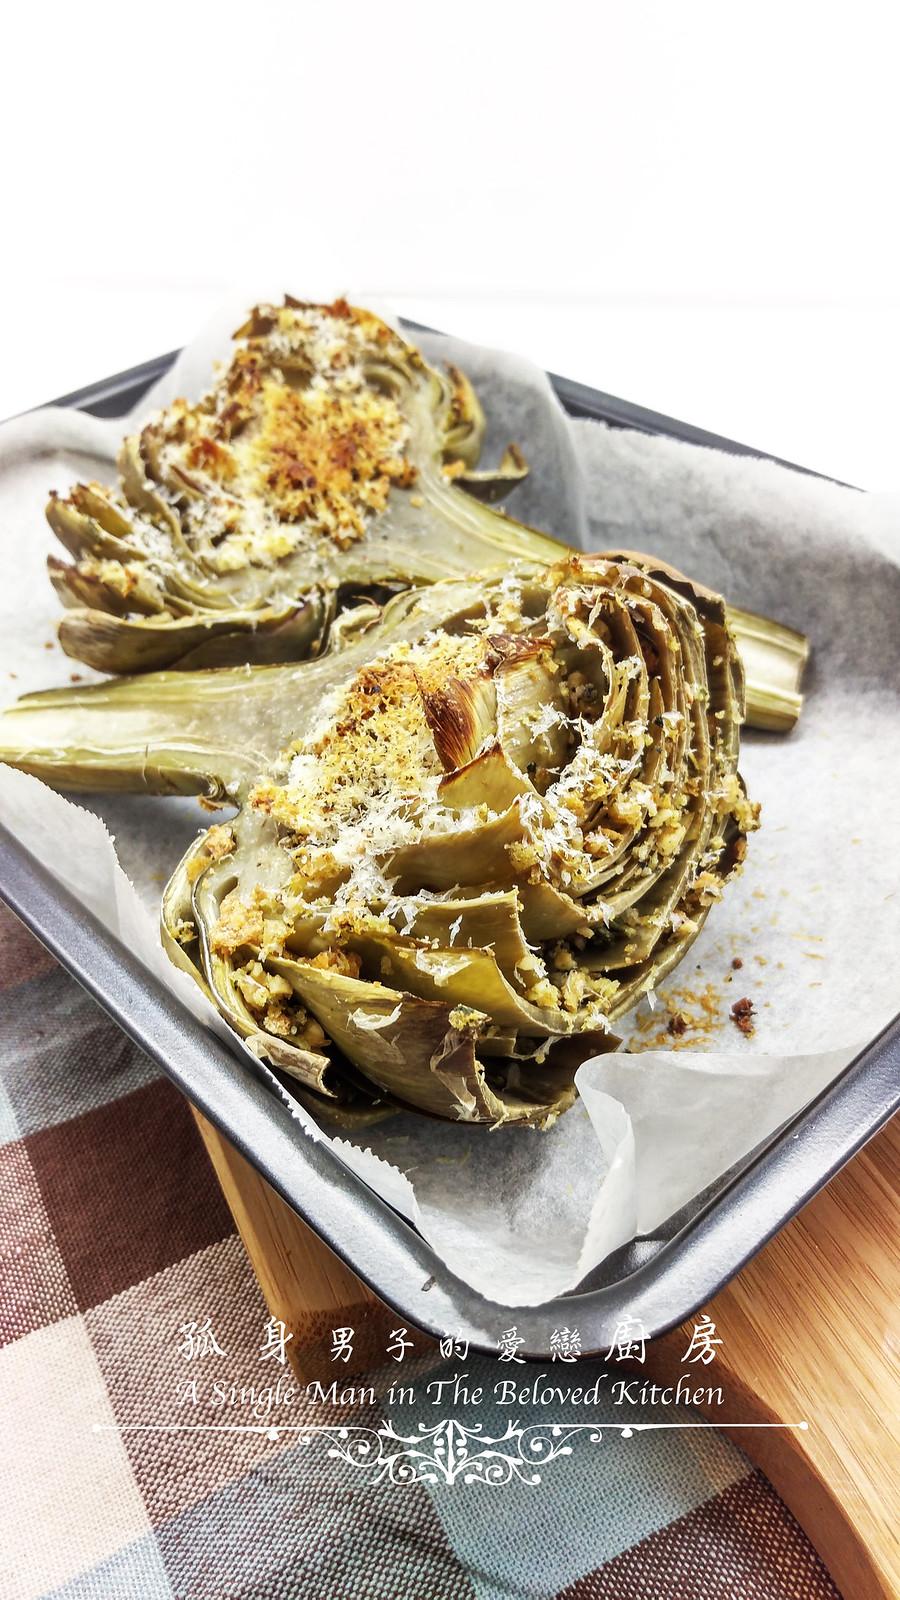 孤身廚房-青醬帕瑪森起司鑲烤朝鮮薊佐簡易油醋蘿蔓沙拉24